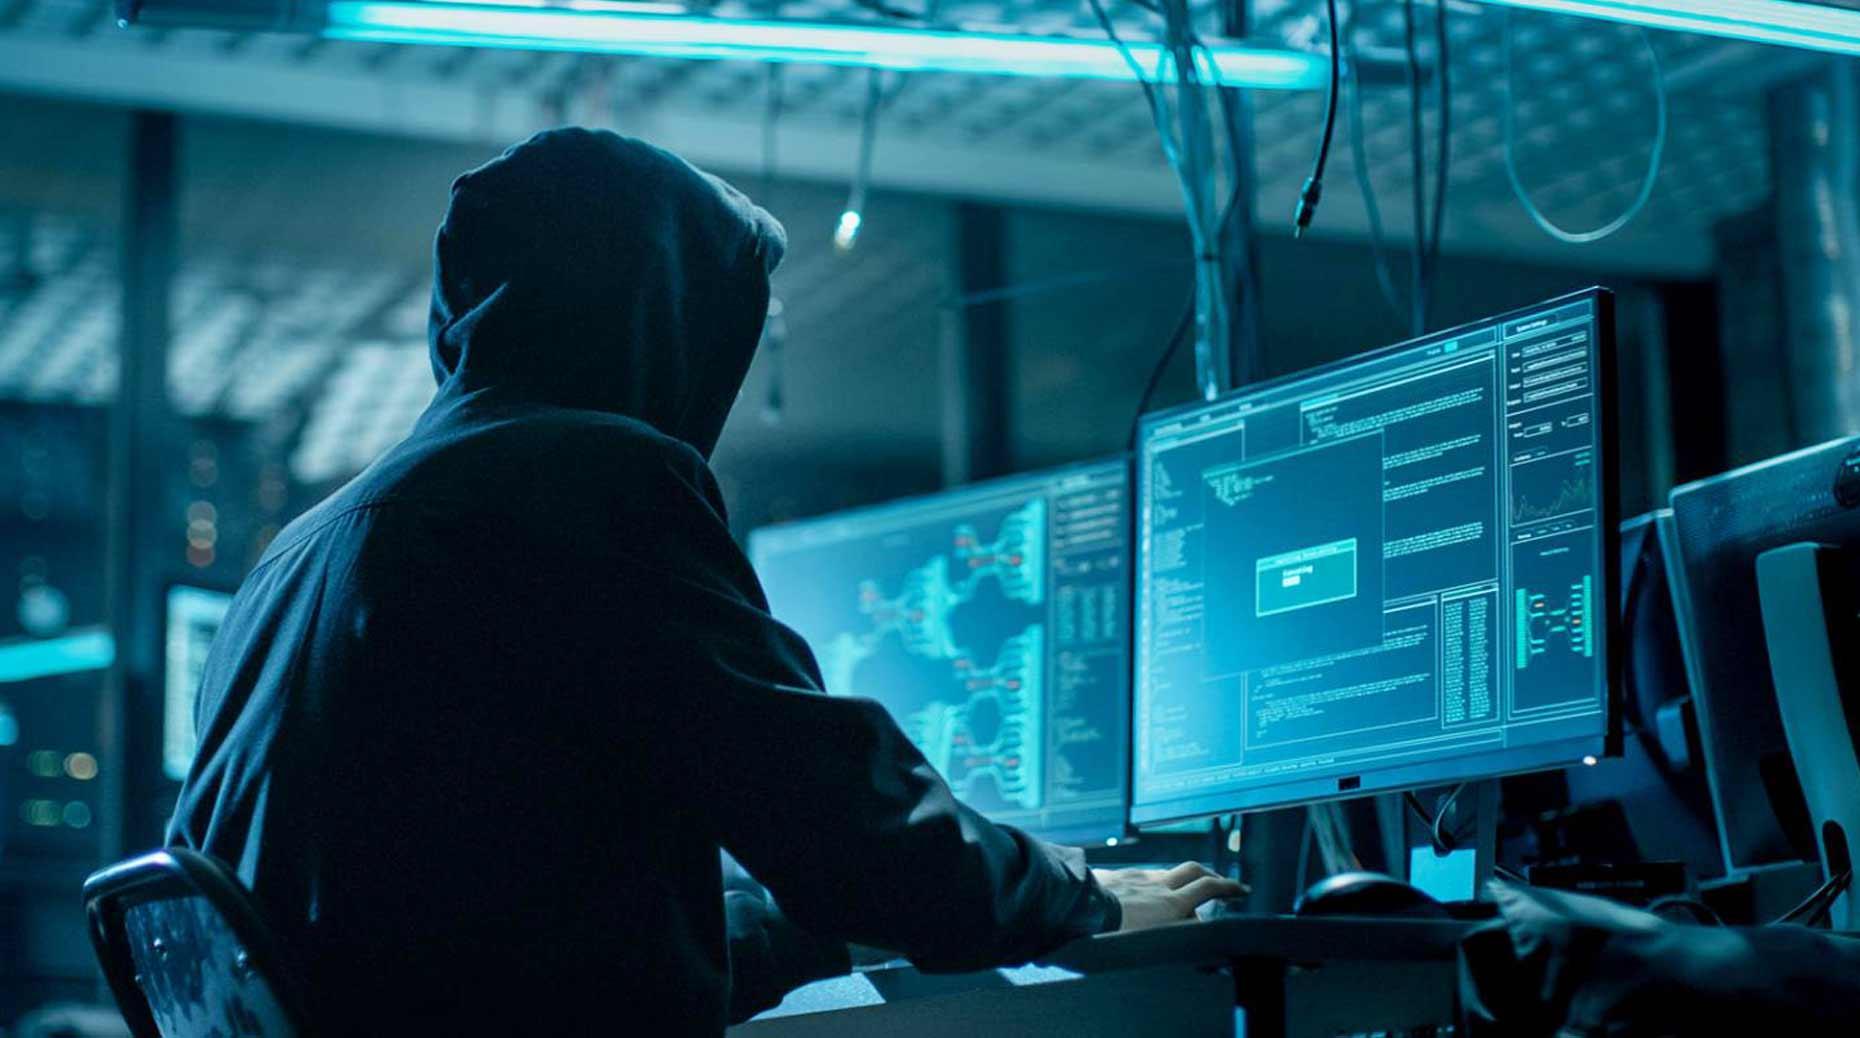 Grands risques : L'ACPR met le cyber sous contrôle